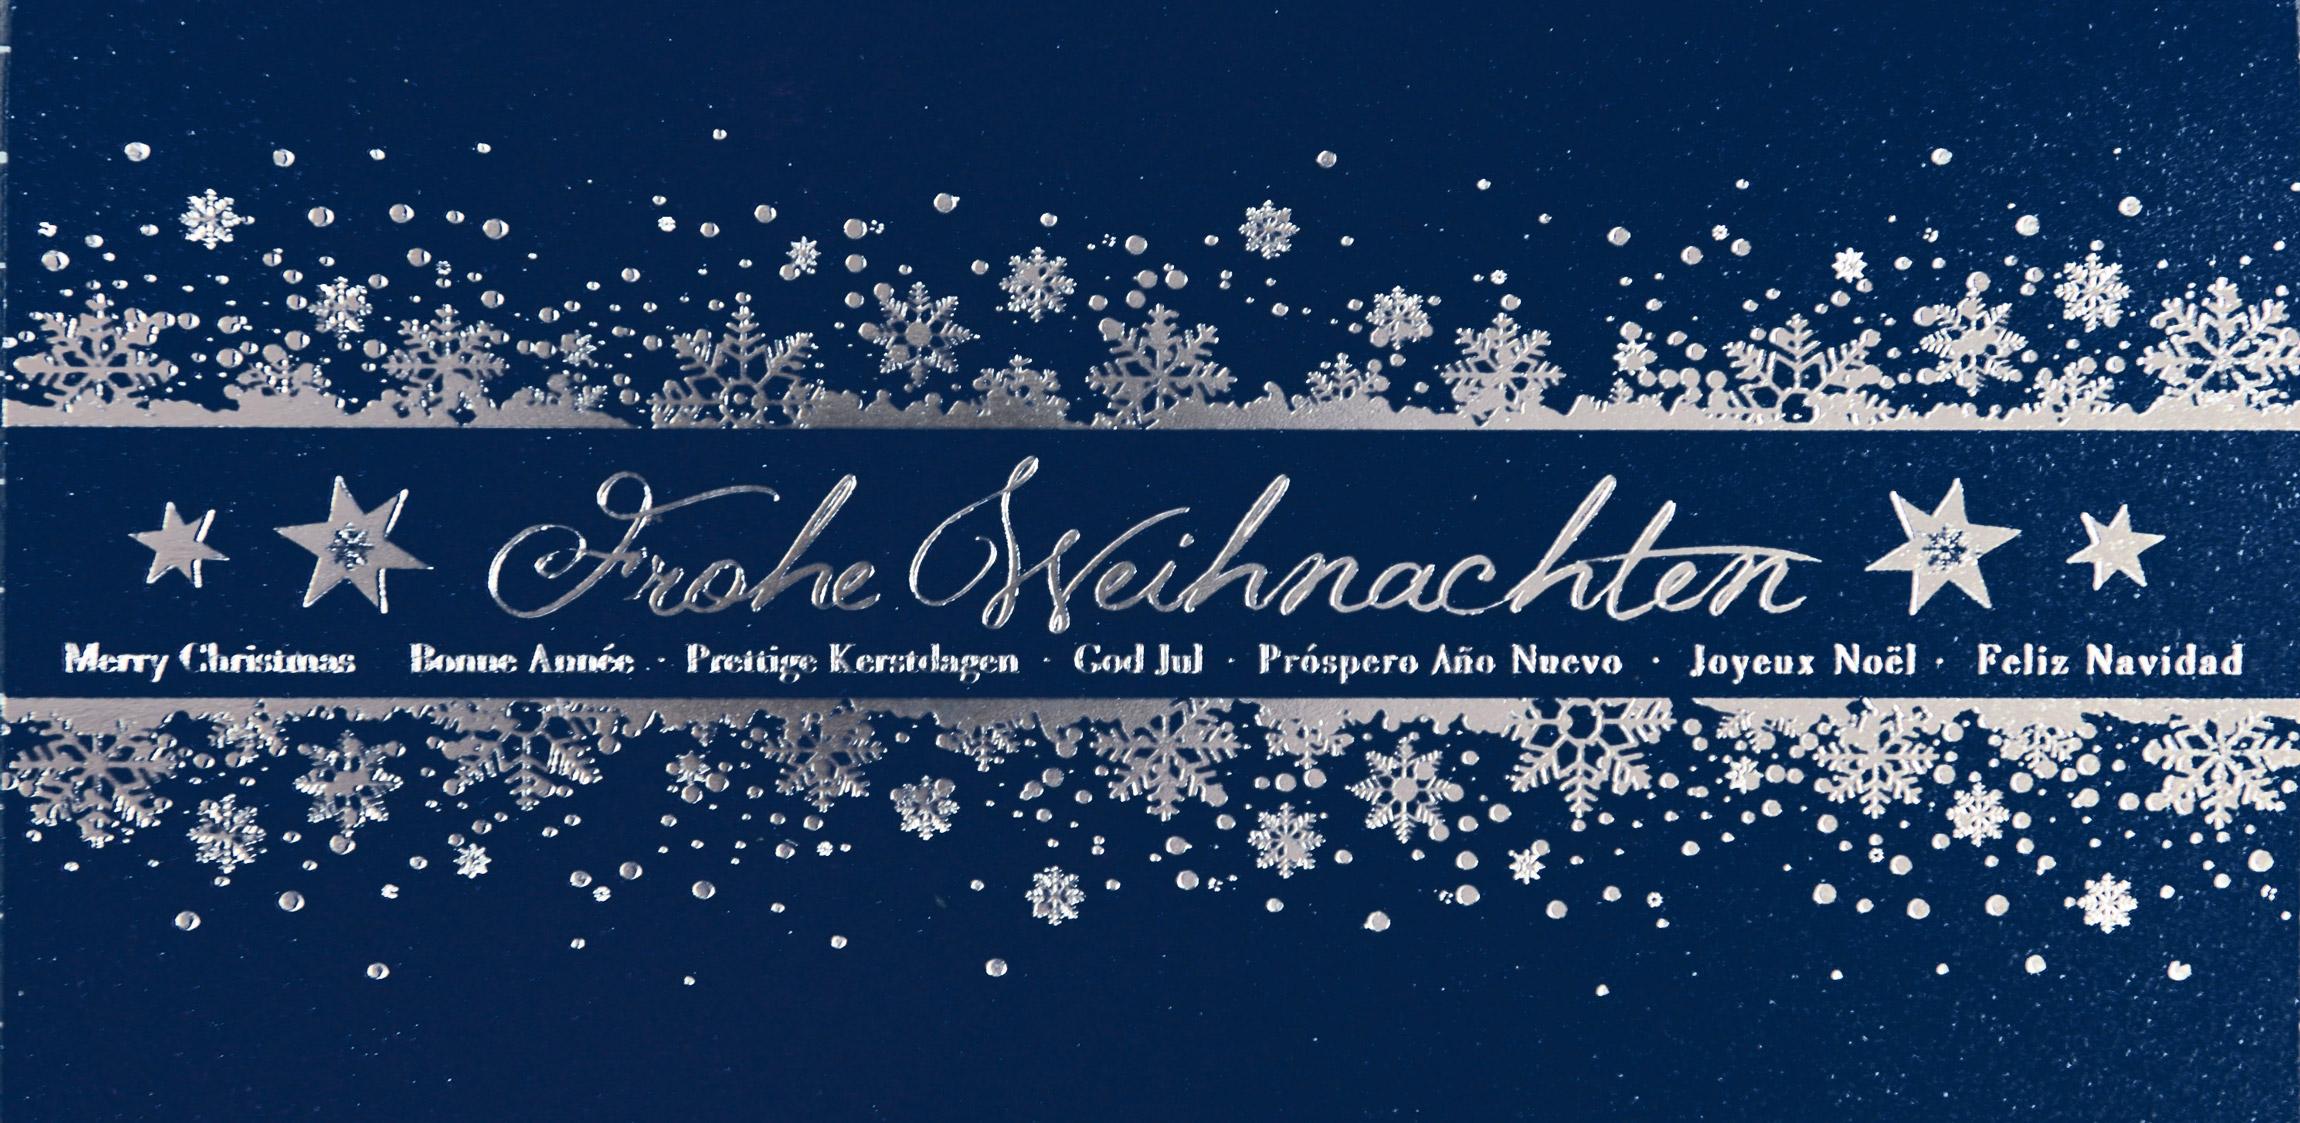 Weihnachtskarte - FW 5